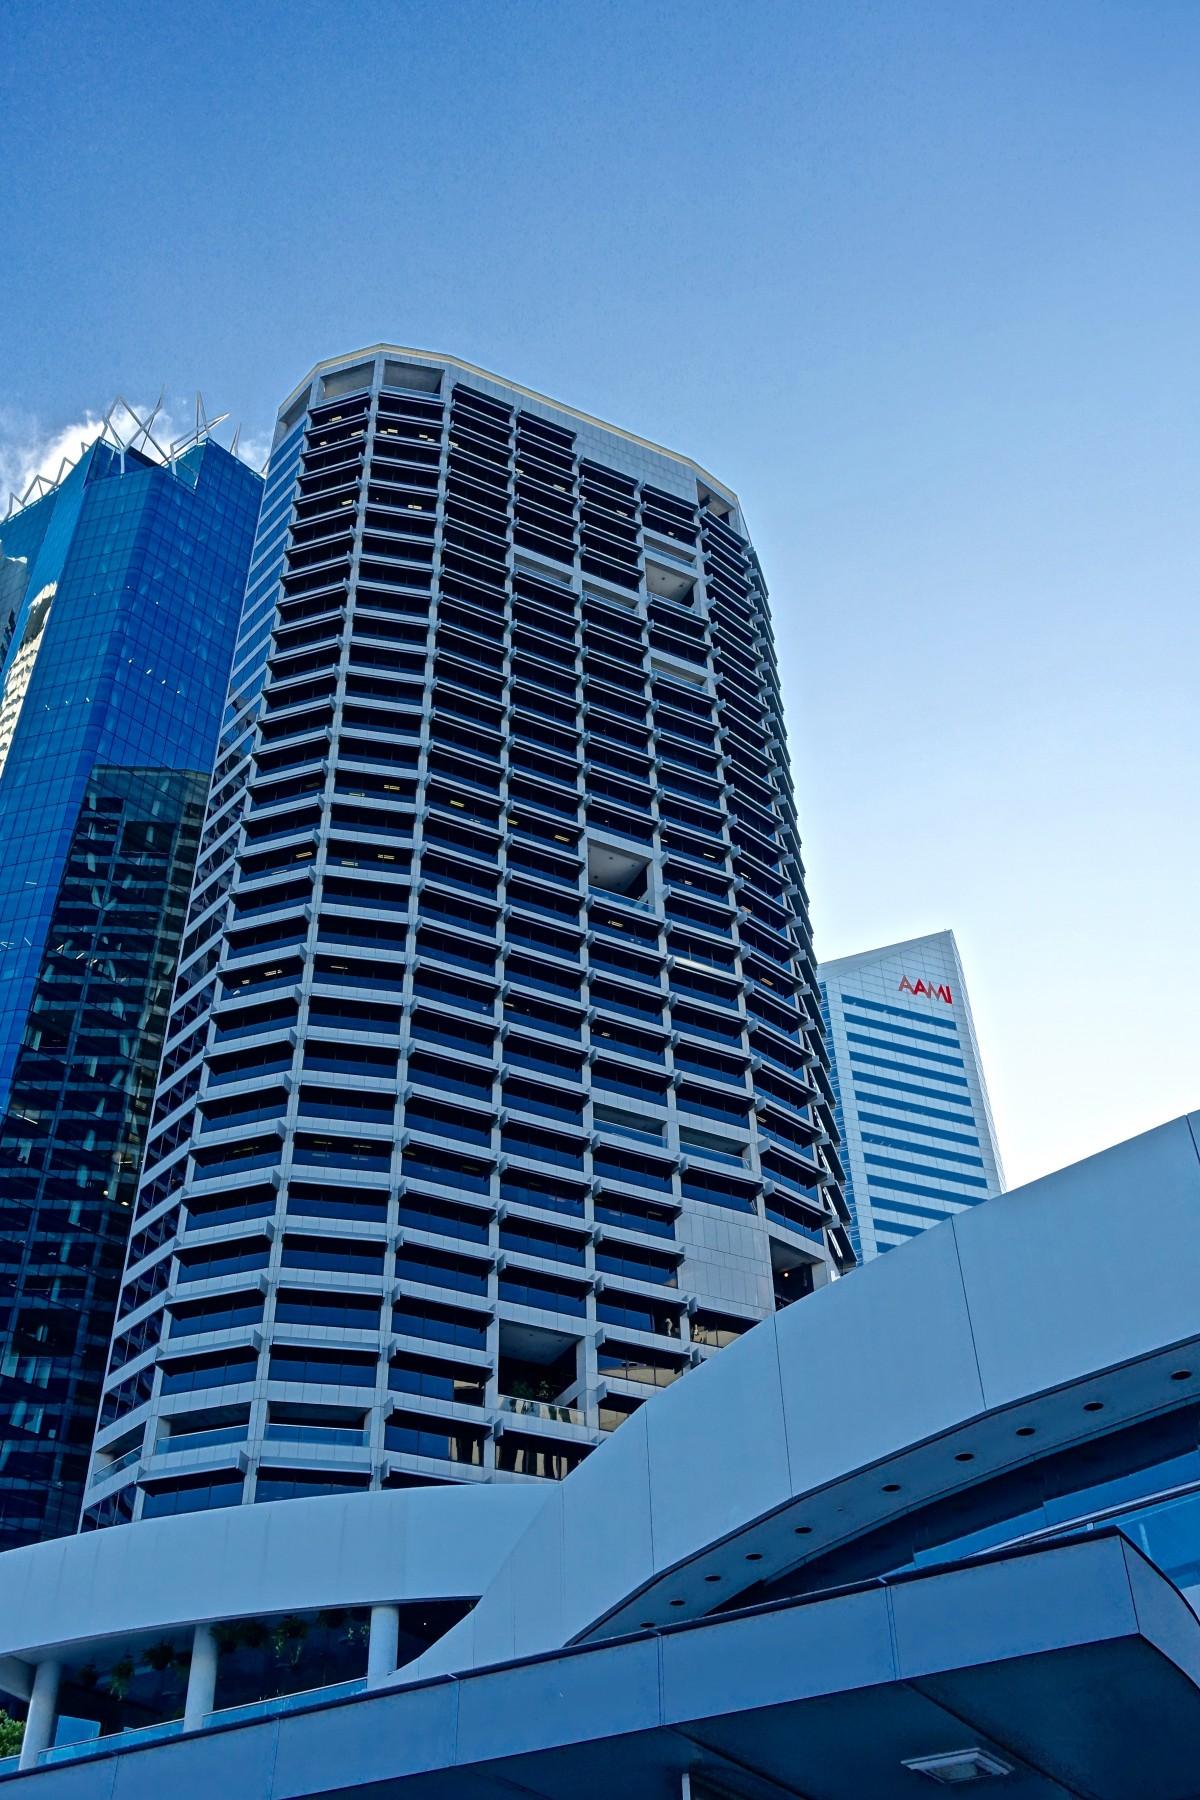 Images gratuites architecture horizon verre gratte ciel urbain paysage urbain centre - Bureau controle batiment ...